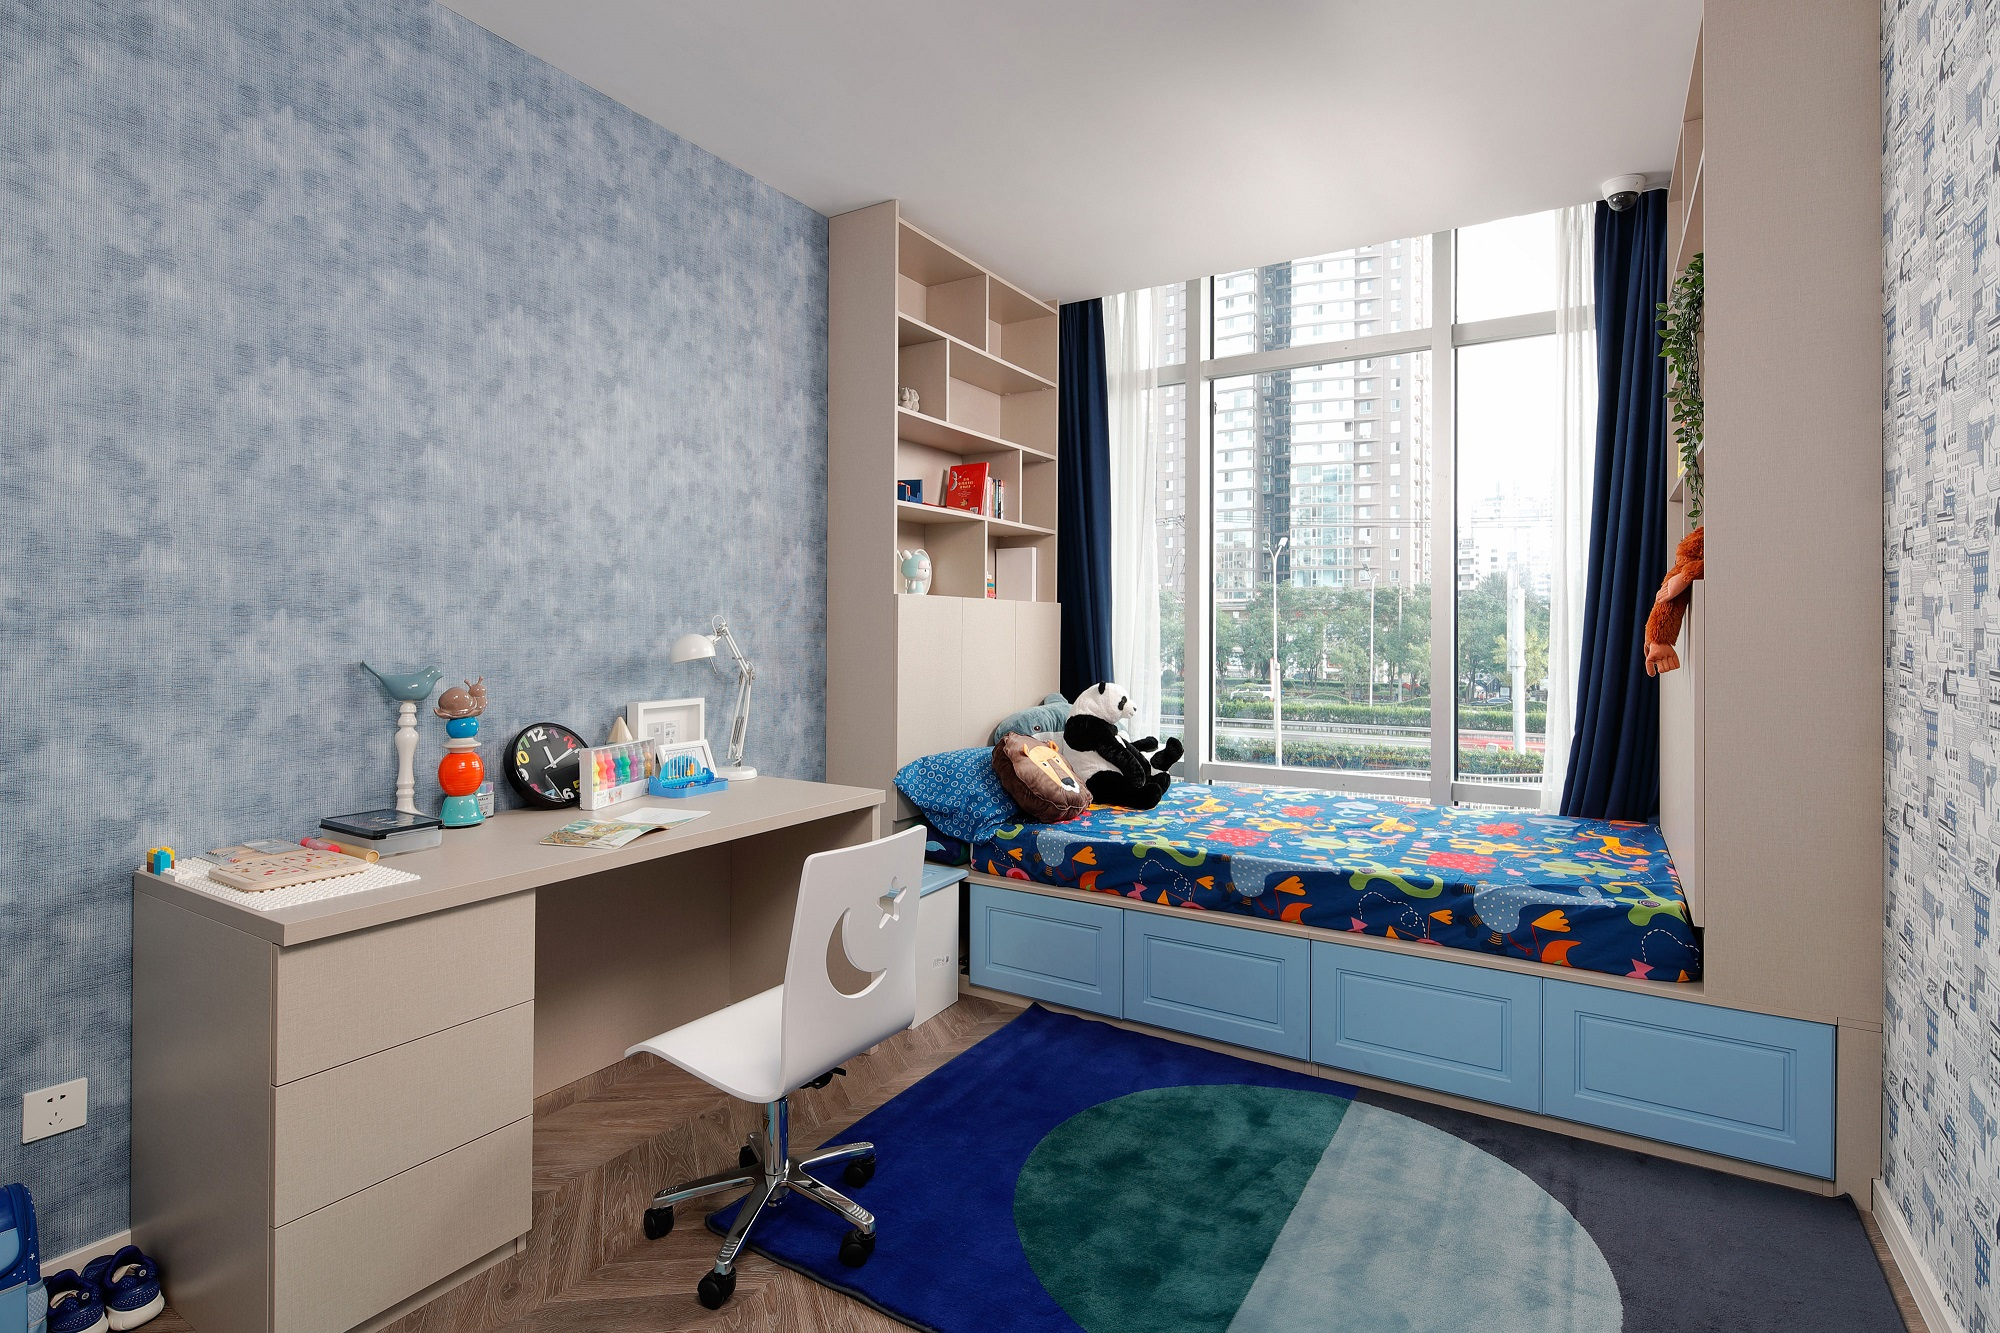 榻榻米+橱柜一体化设计是绝配,既满足孩子睡眠又解决了收纳问题,颇为实用。